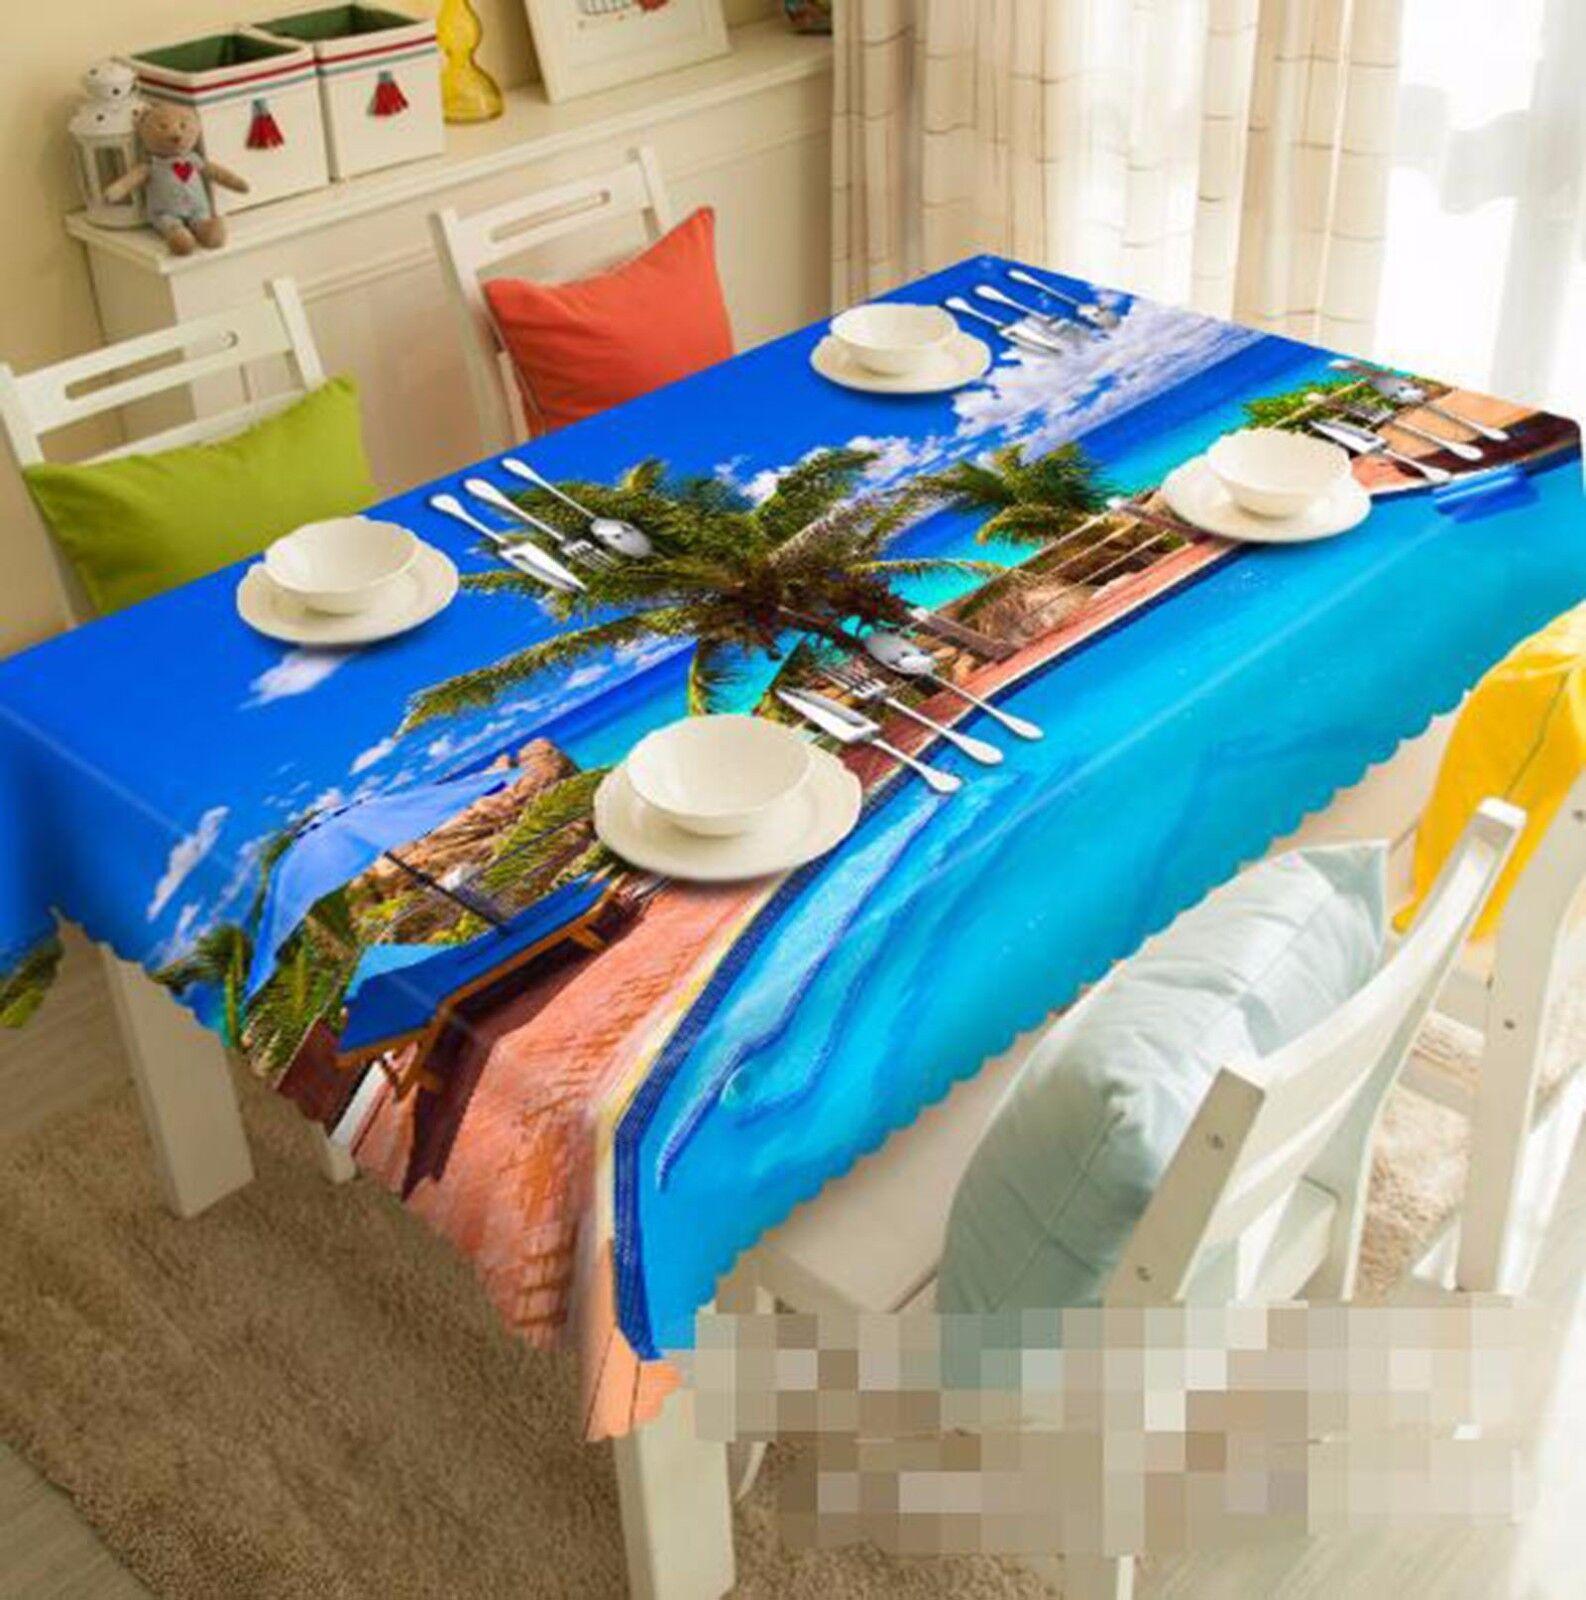 Bassin 3D Bule Nappe Table Cover Cloth fête d'anniversaire AJ papier peint Royaume-Uni Citron